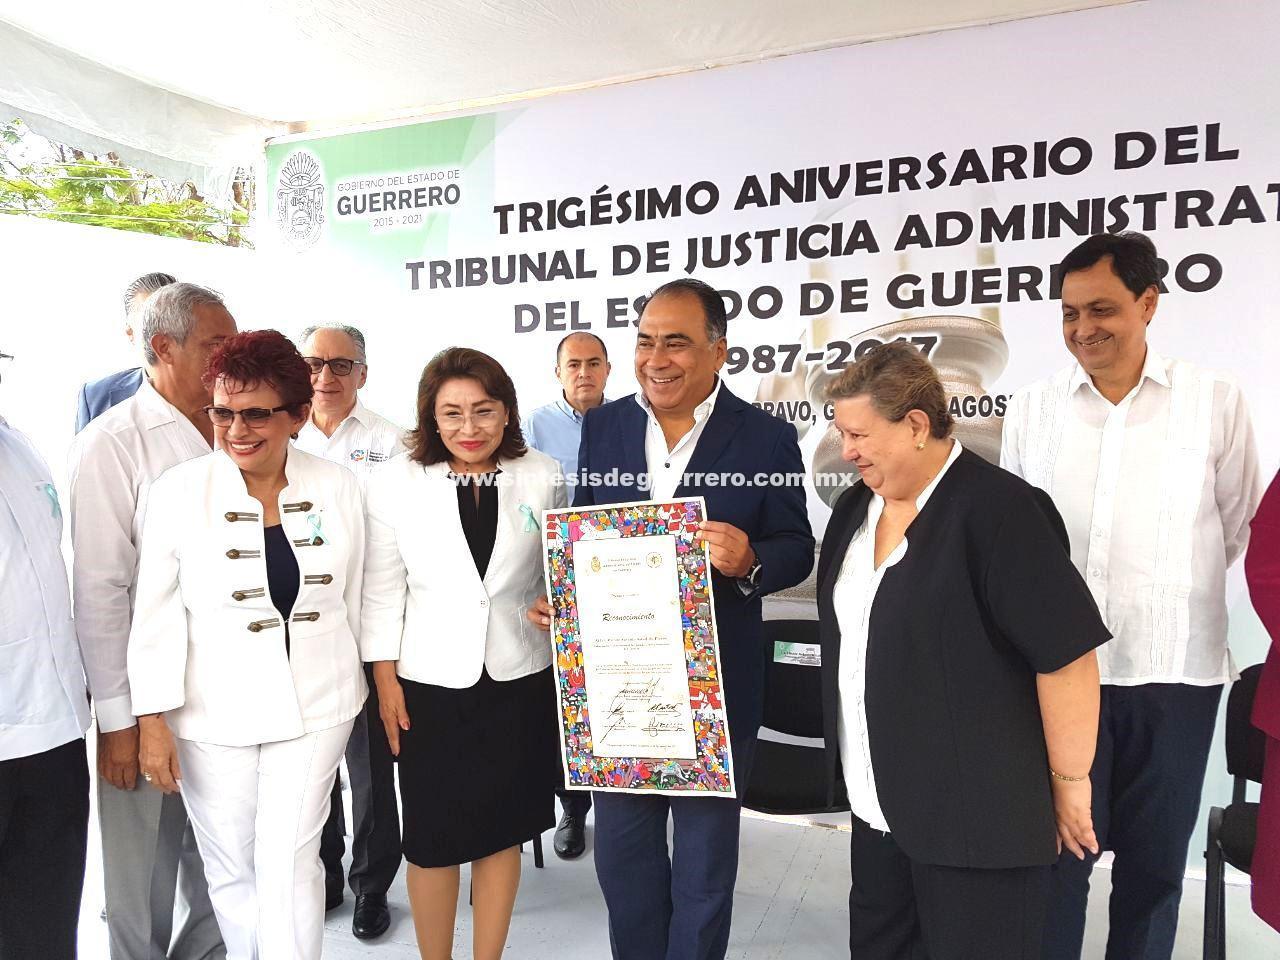 Conmemora Astudillo 30 aniversario del tribunal de justicia administrativa de Guerrero